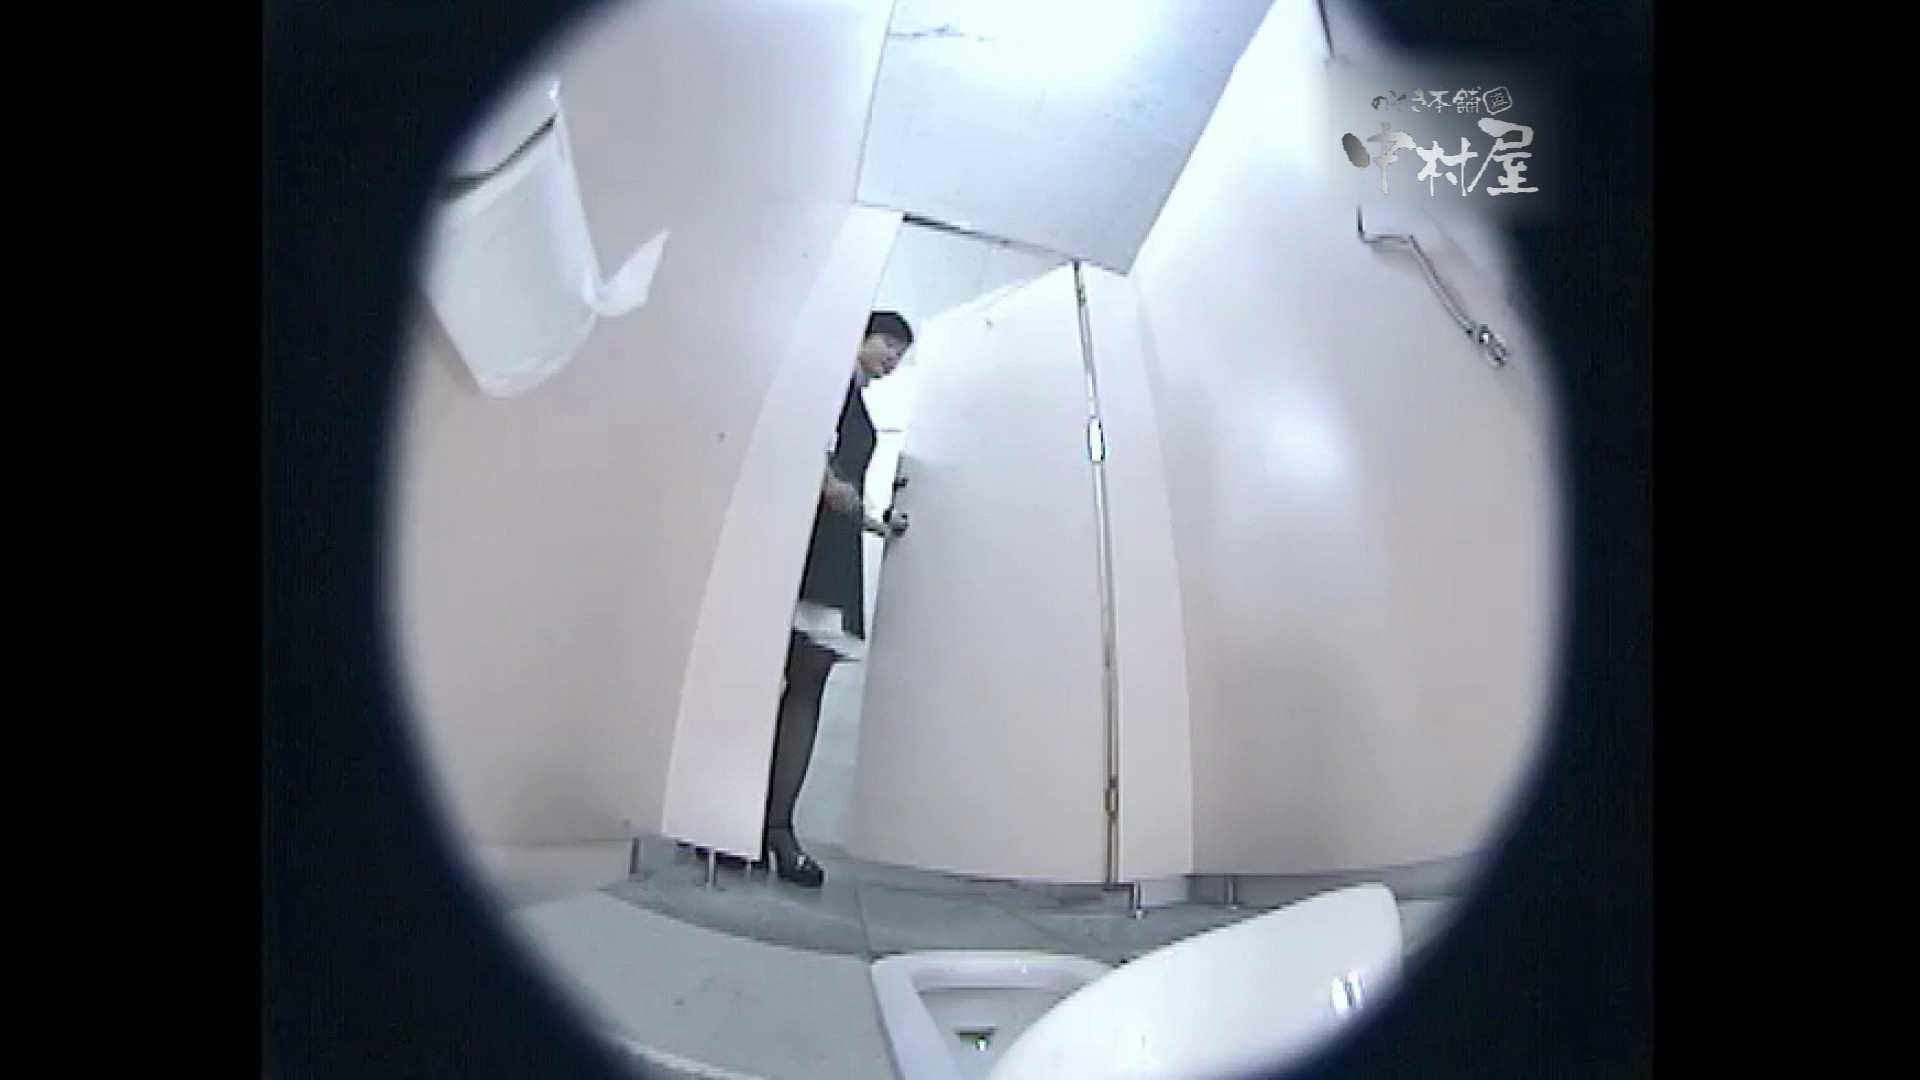 レースクィーントイレ盗撮!Vol.18 マンコ無修正 隠し撮りおまんこ動画流出 98画像 5